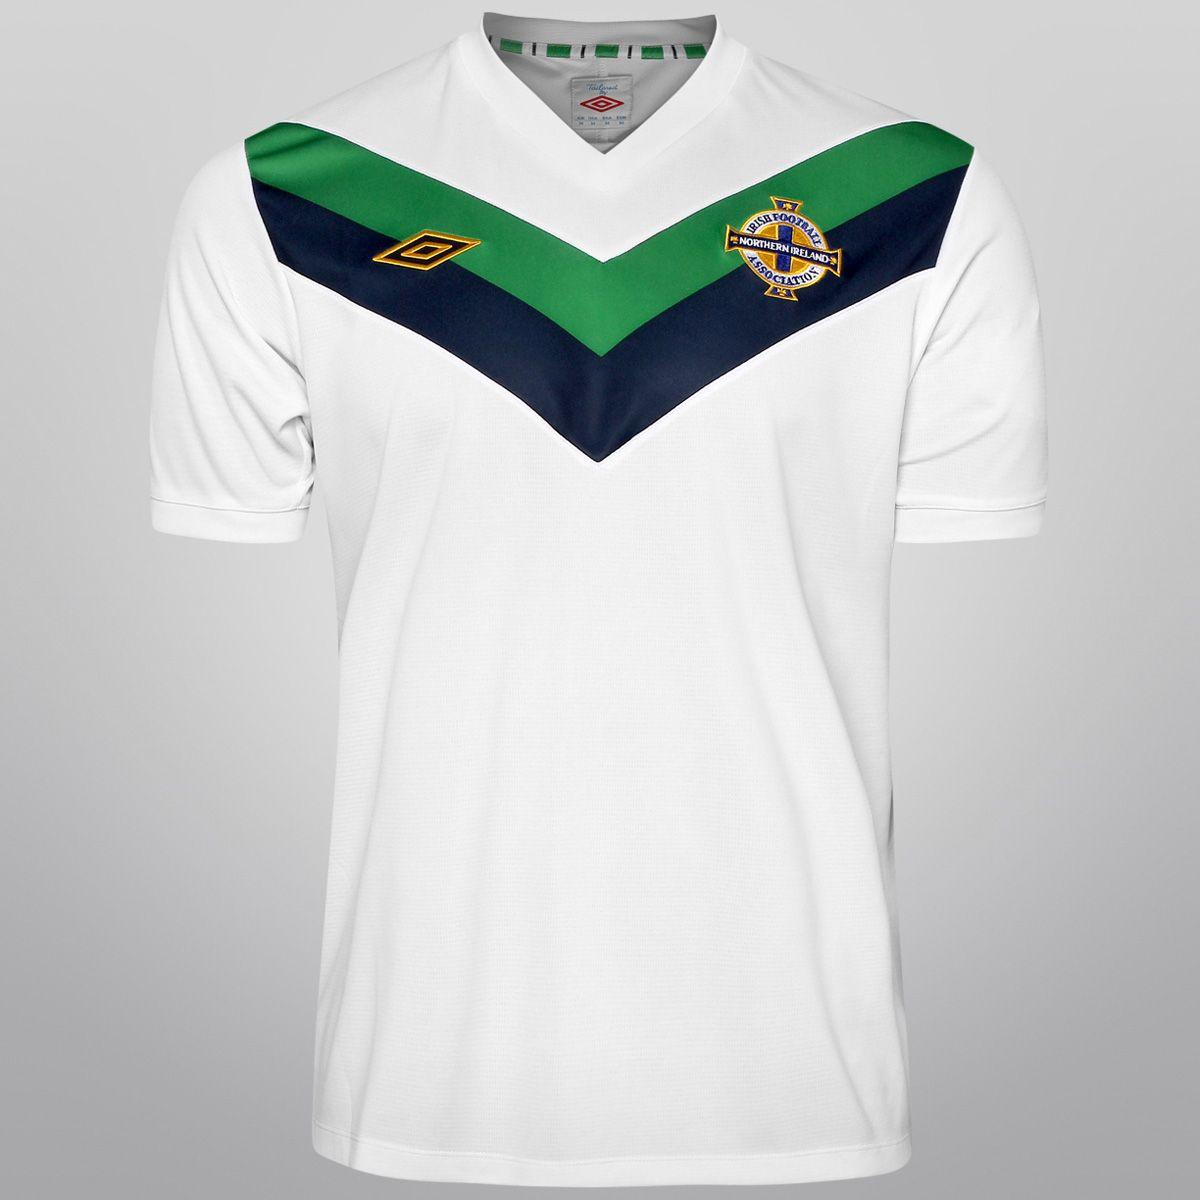 3186cd10a29a2 Netshoes - Camisa Umbro Seleção Irlanda do Norte Away 11 12 s n ...